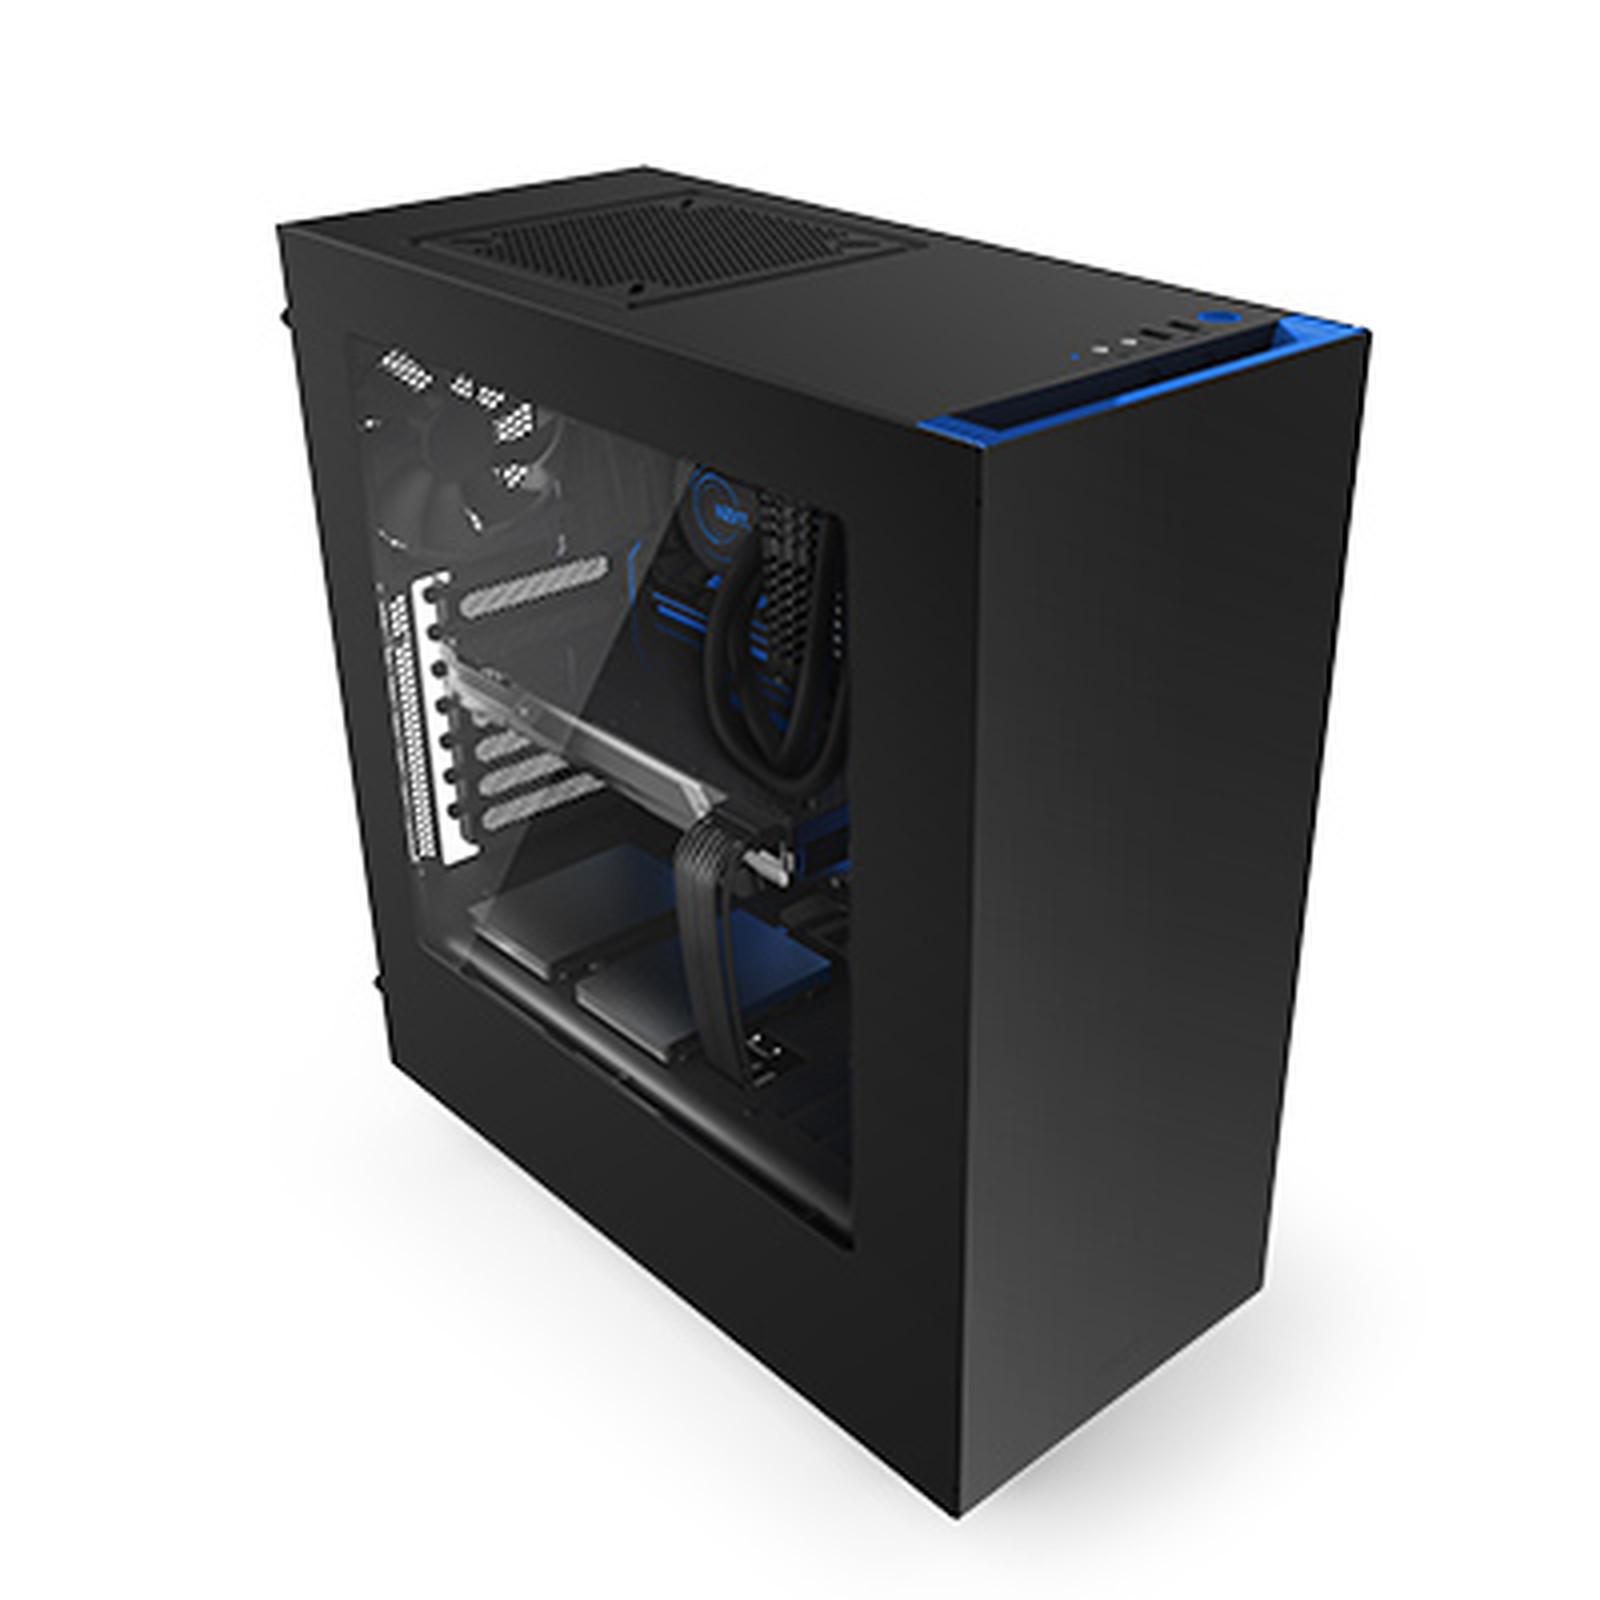 NZXT Source 340 - S340 (negro/azul)